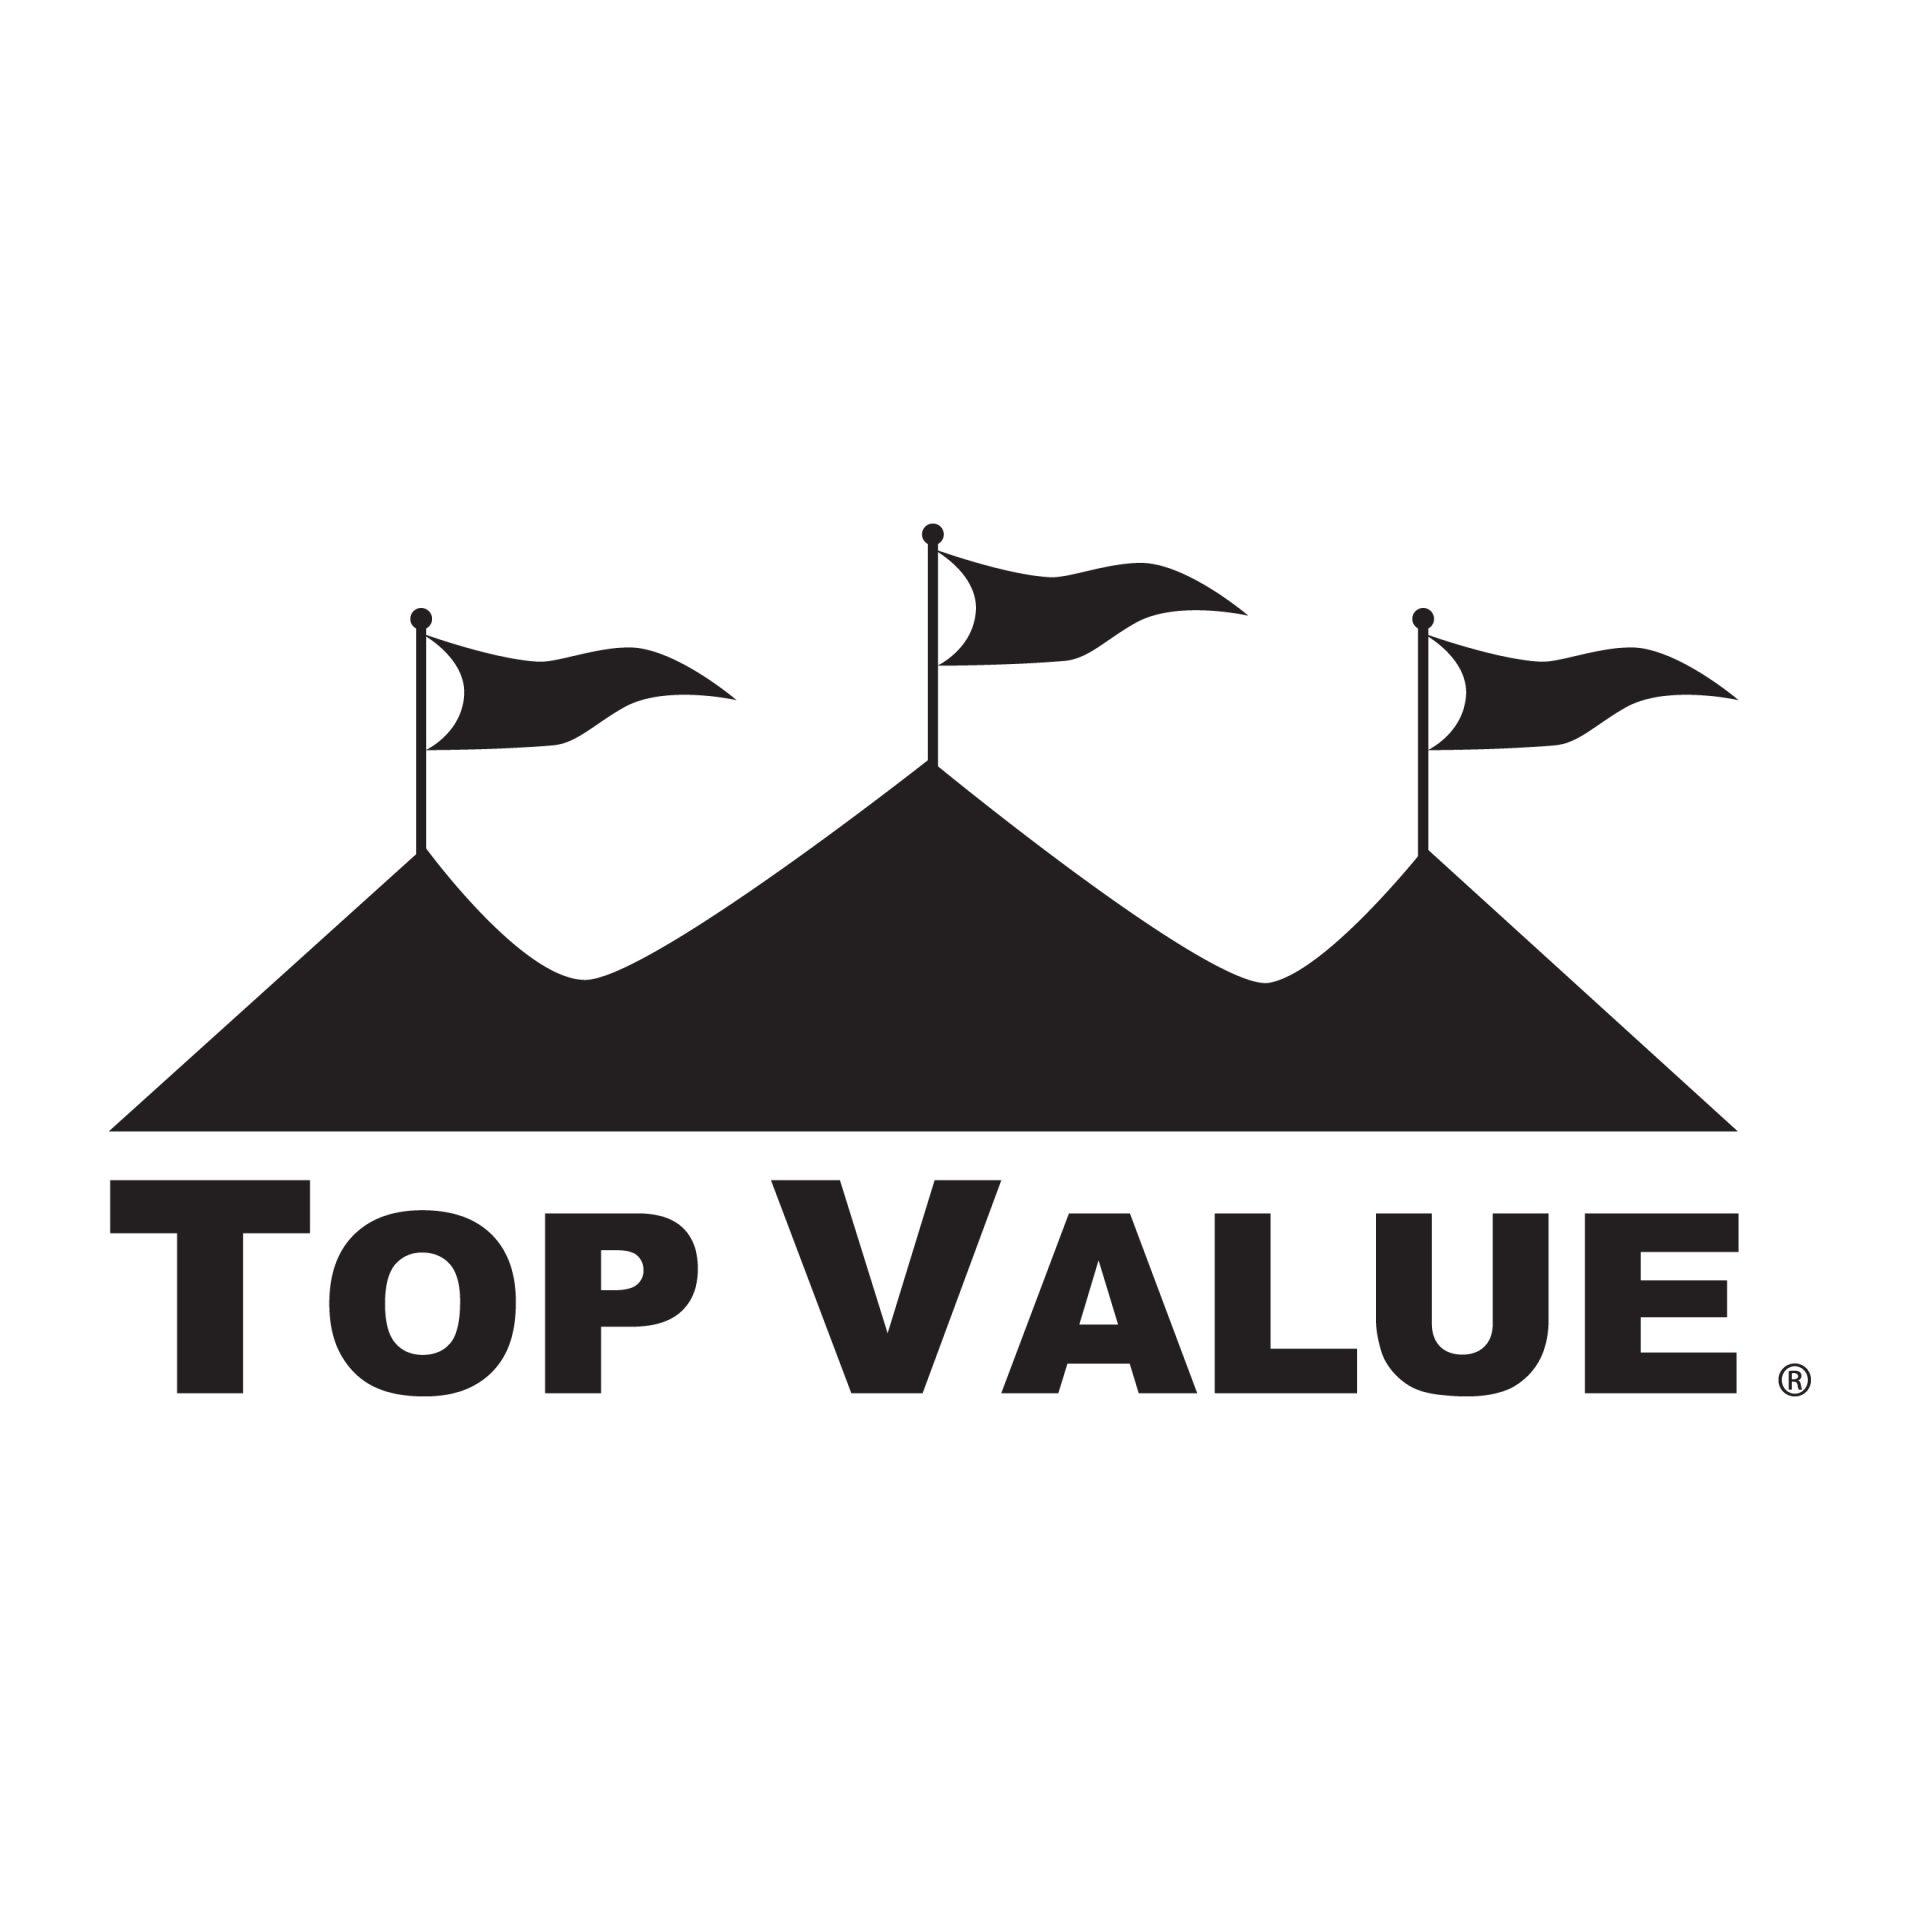 2003 | Top Value | logo